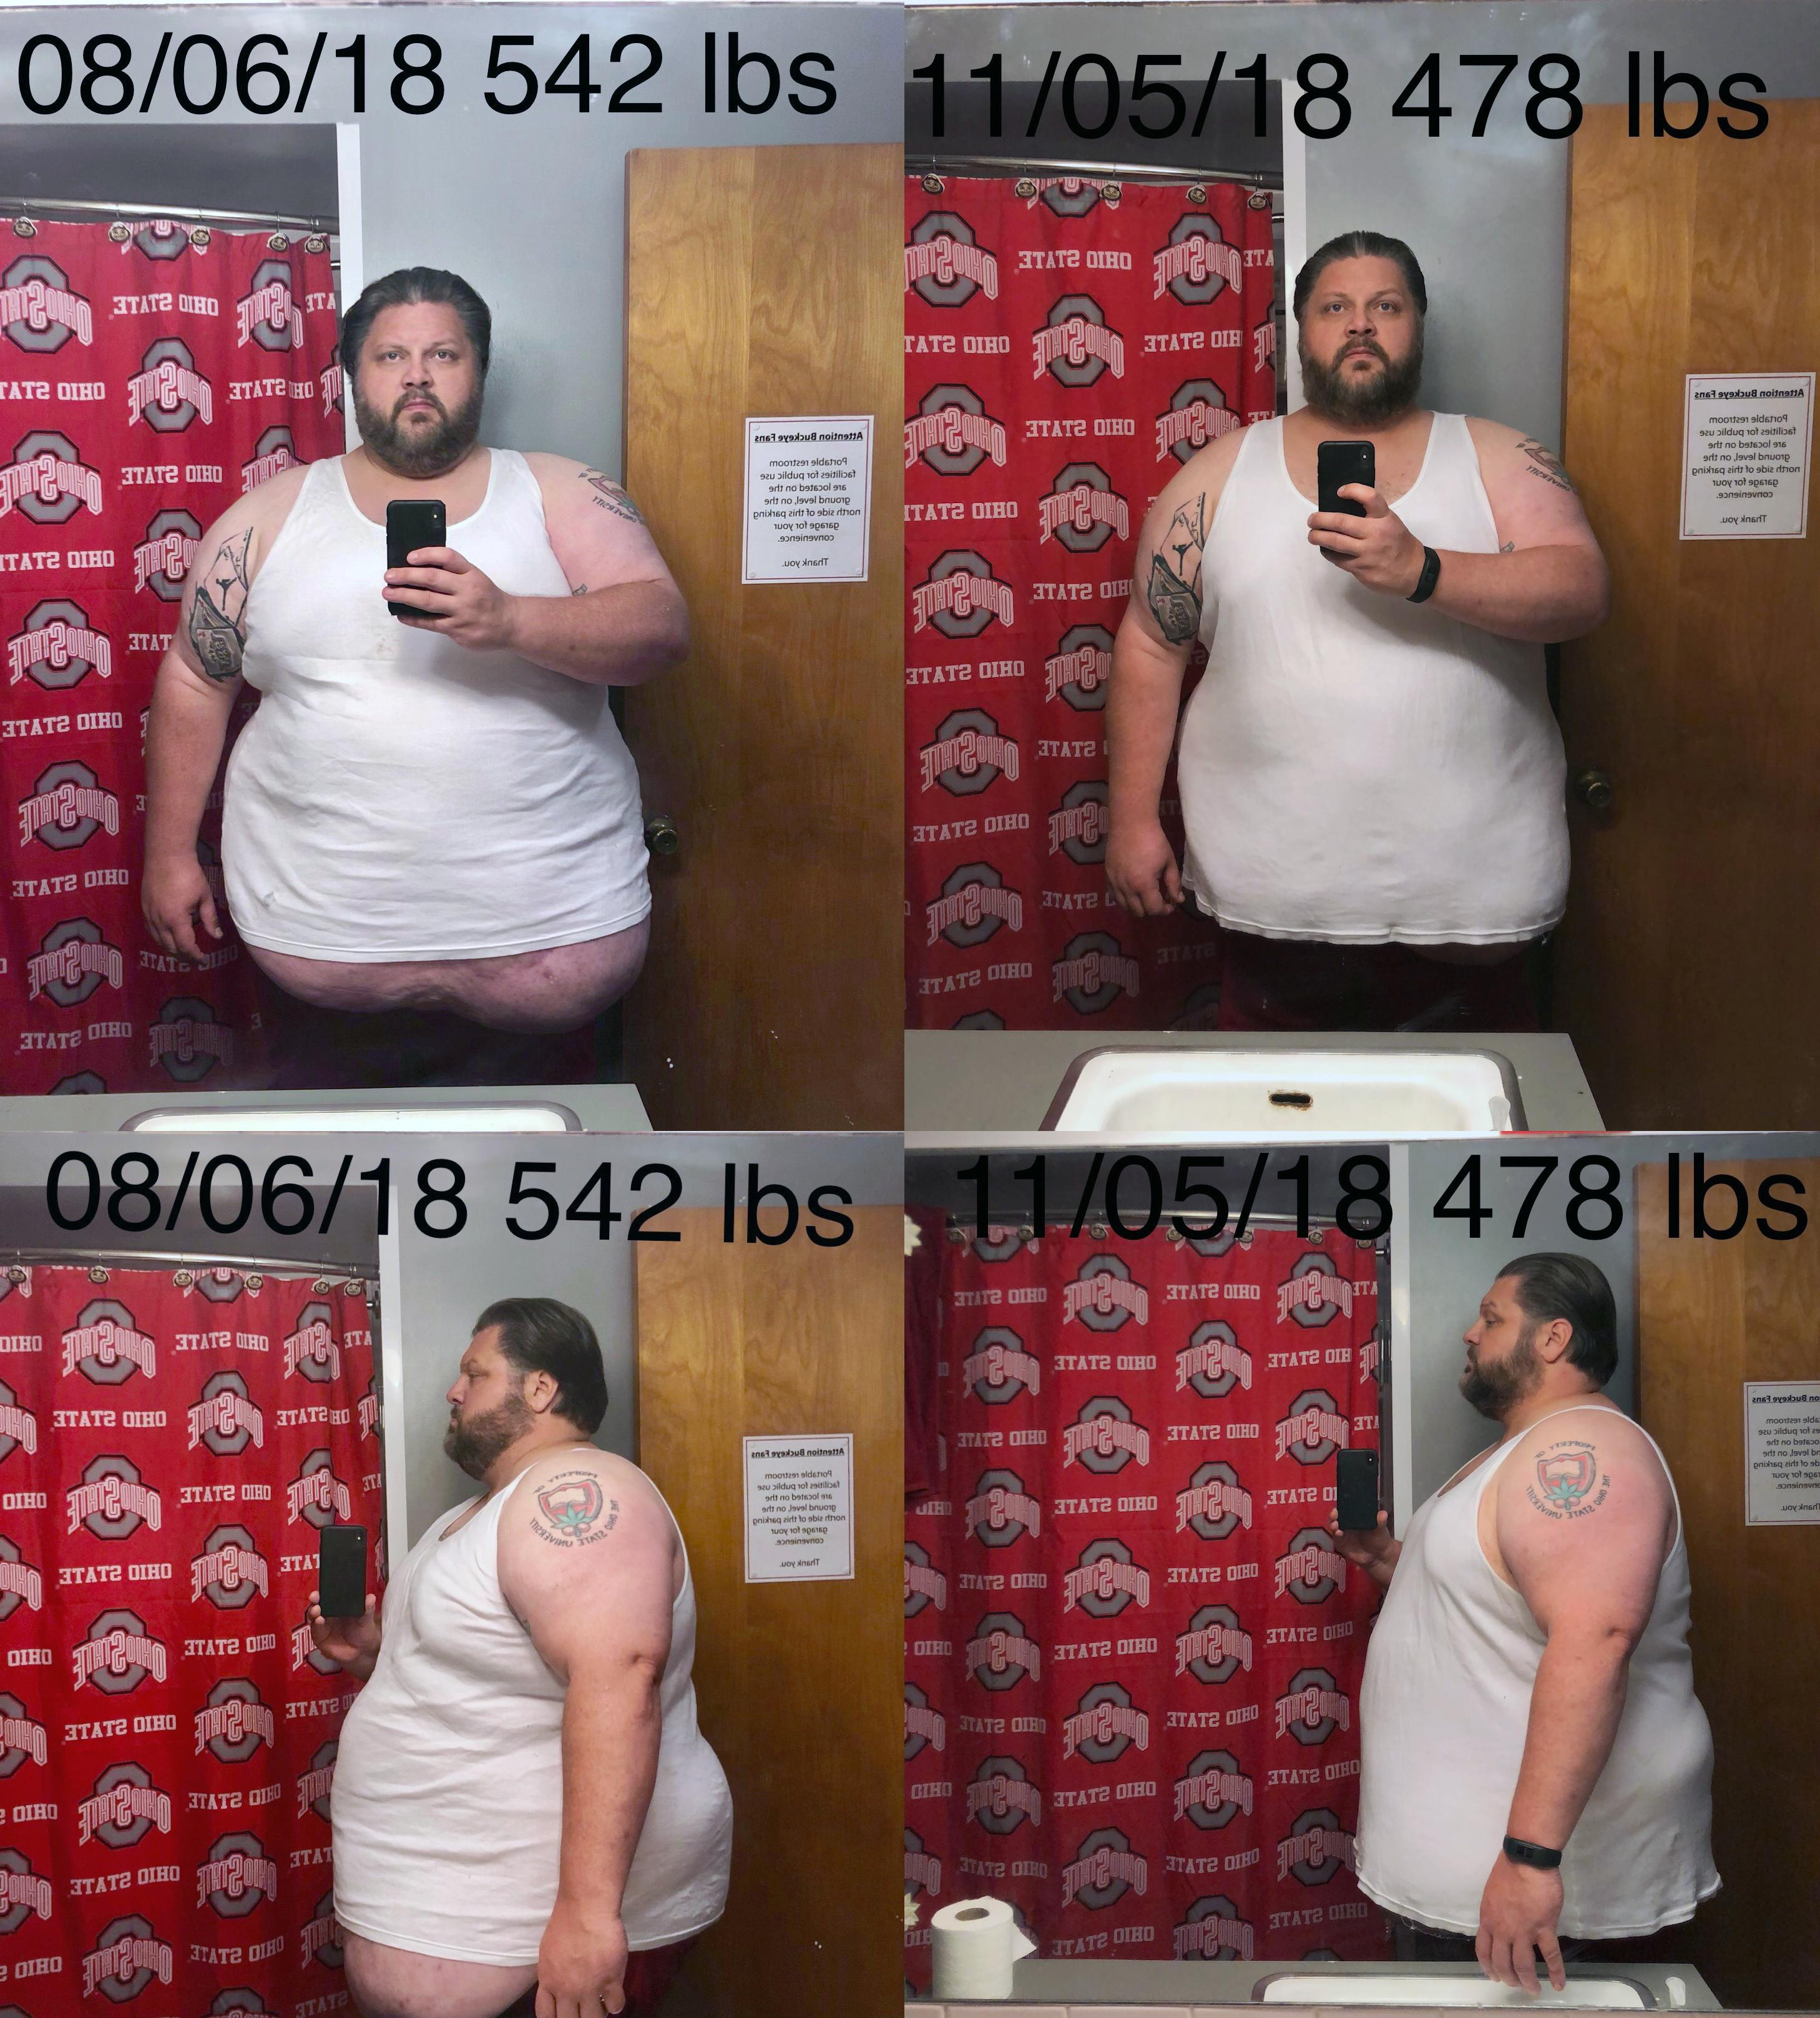 Progress Pics of 65 lbs Fat Loss 6'1 Male 542 lbs to 477 lbs